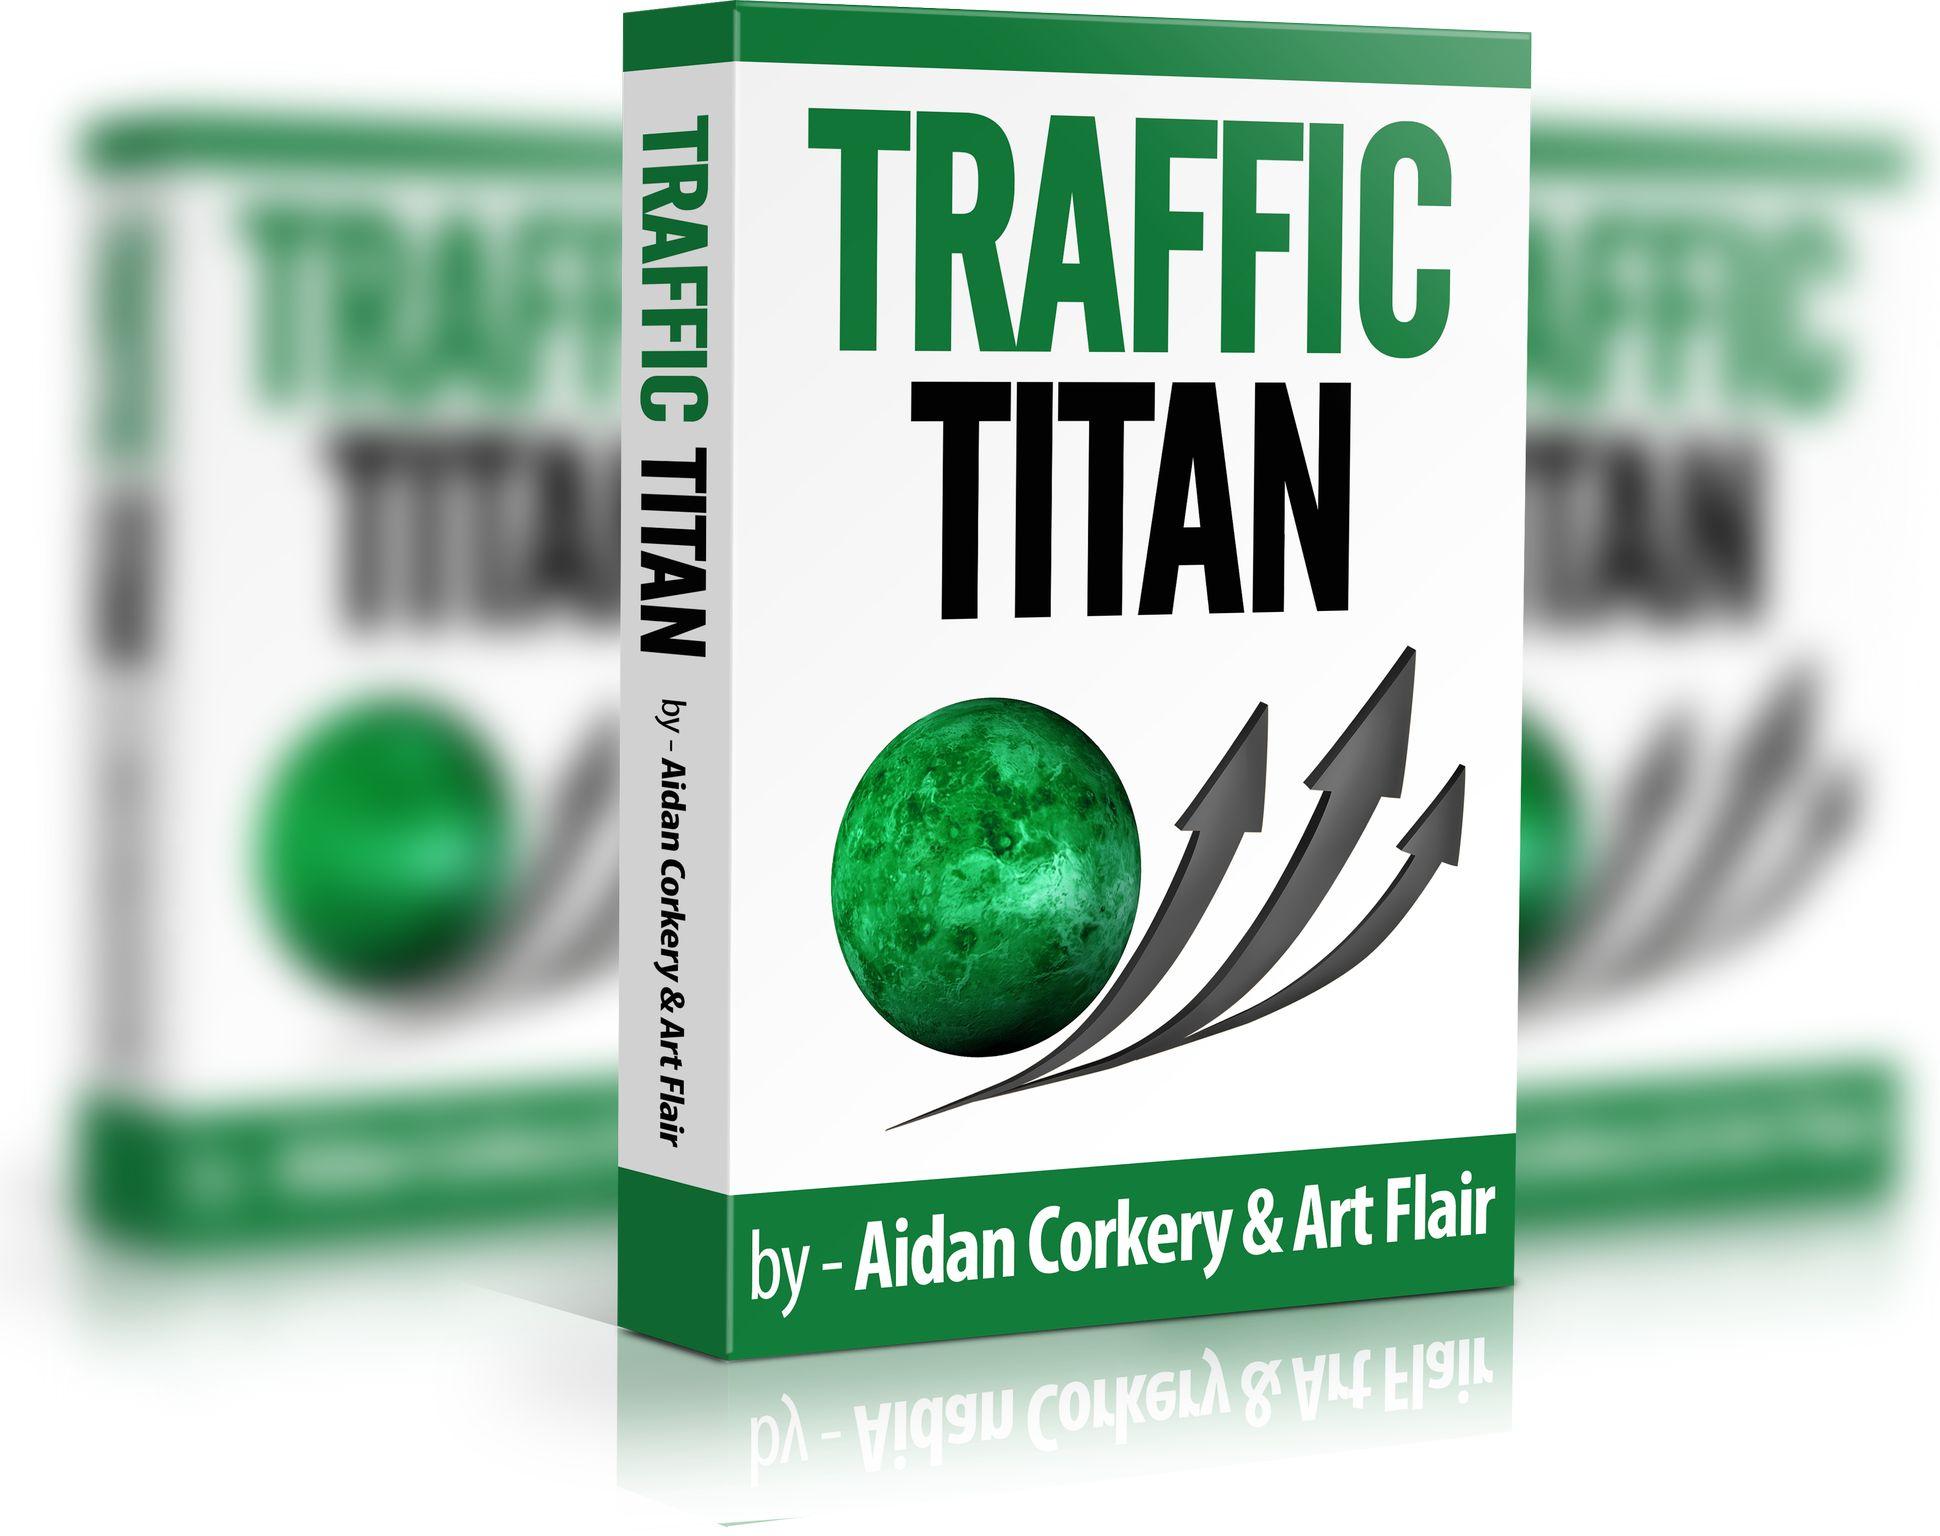 Traffic Titan